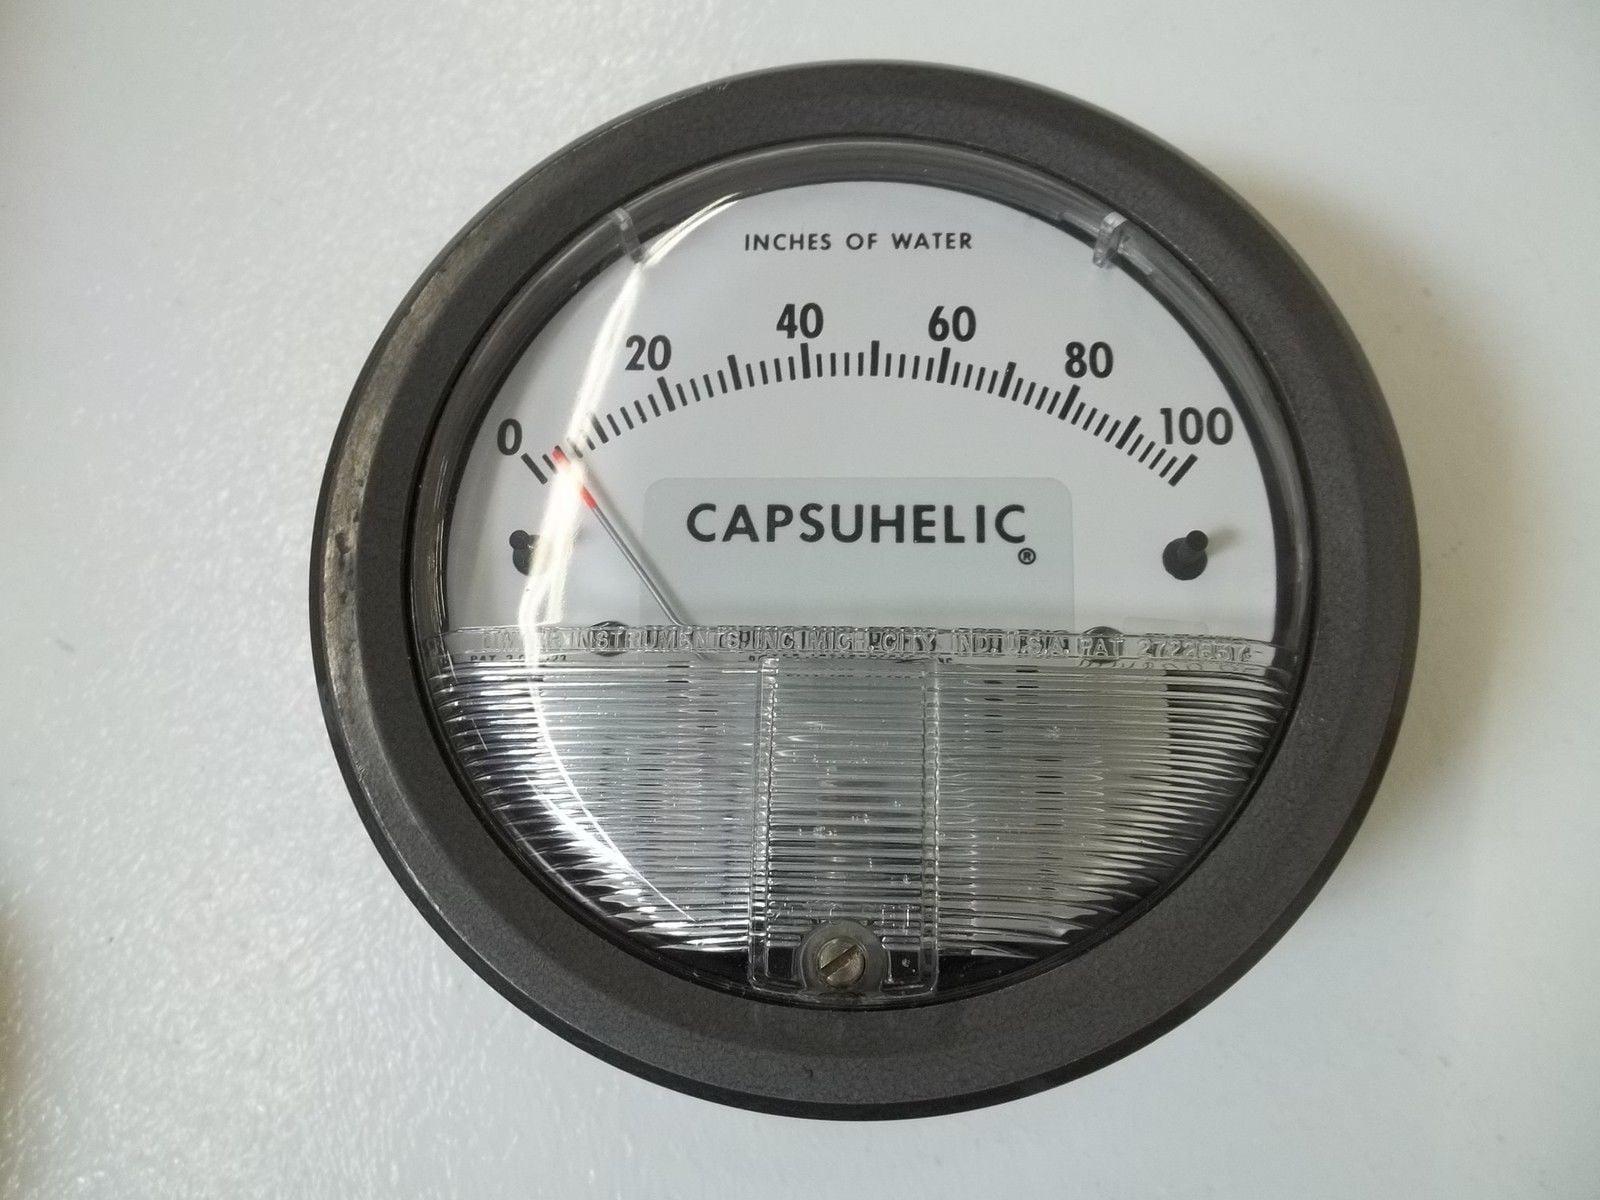 Differential Pressure Gauge, Capsuhelic Differential Pressure Gauge, Capsuhelic